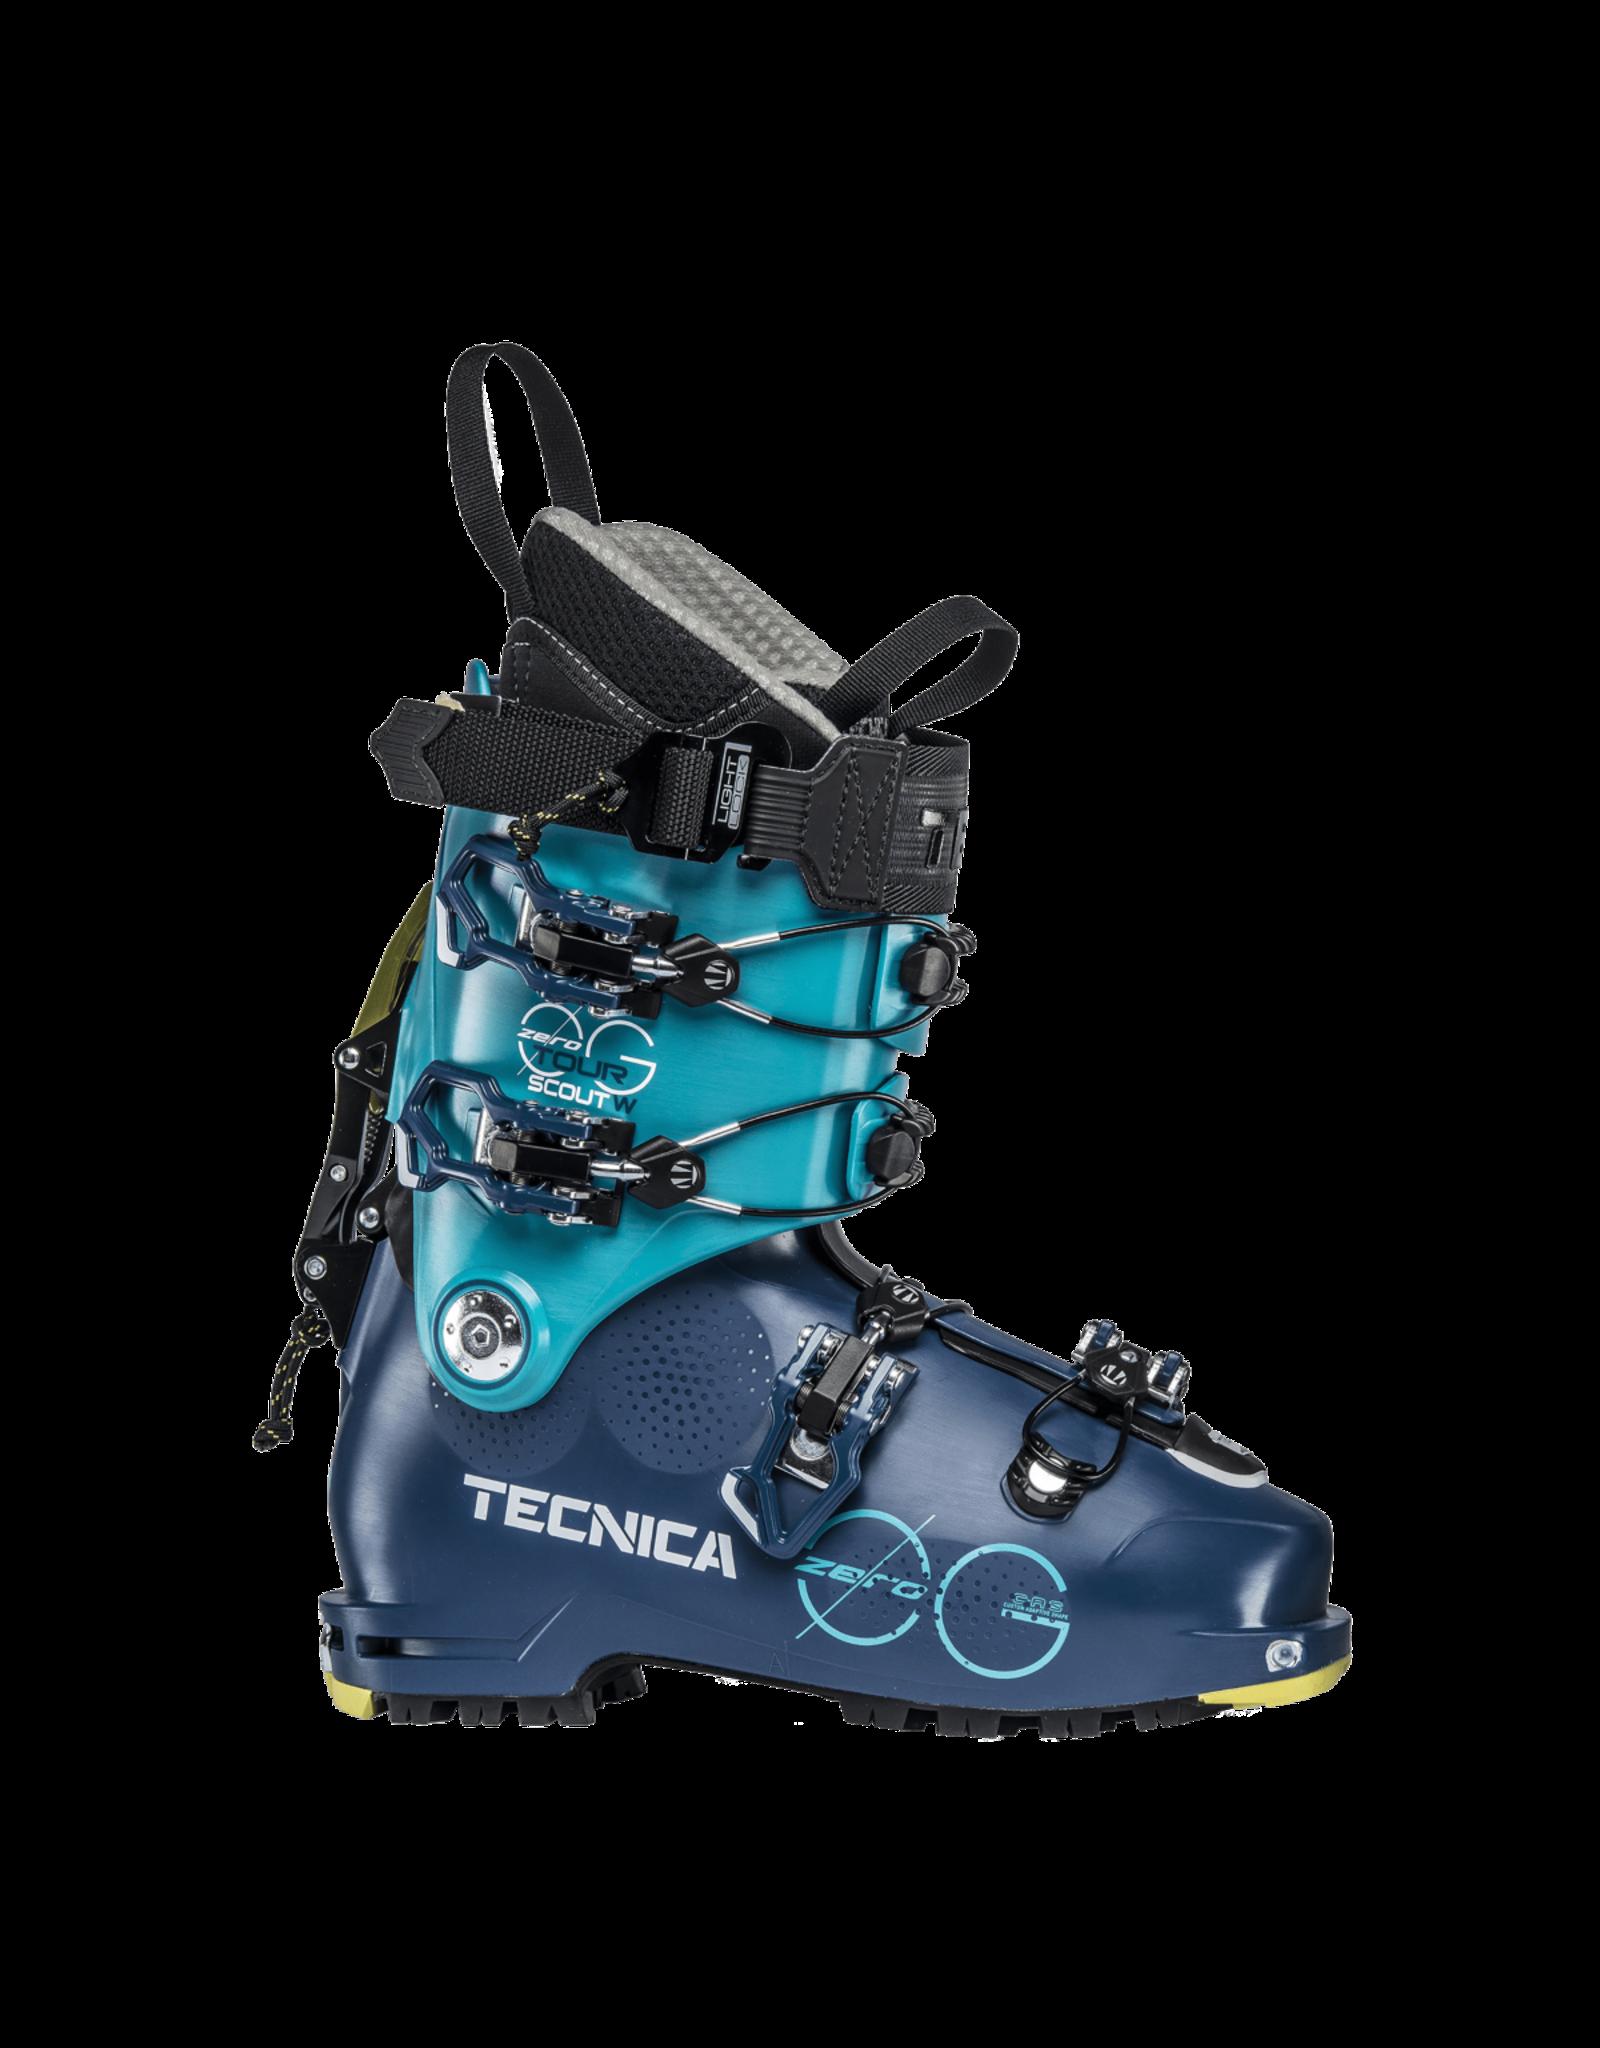 Tecnica Tecnica Zero G Tour Scout Boots - Women